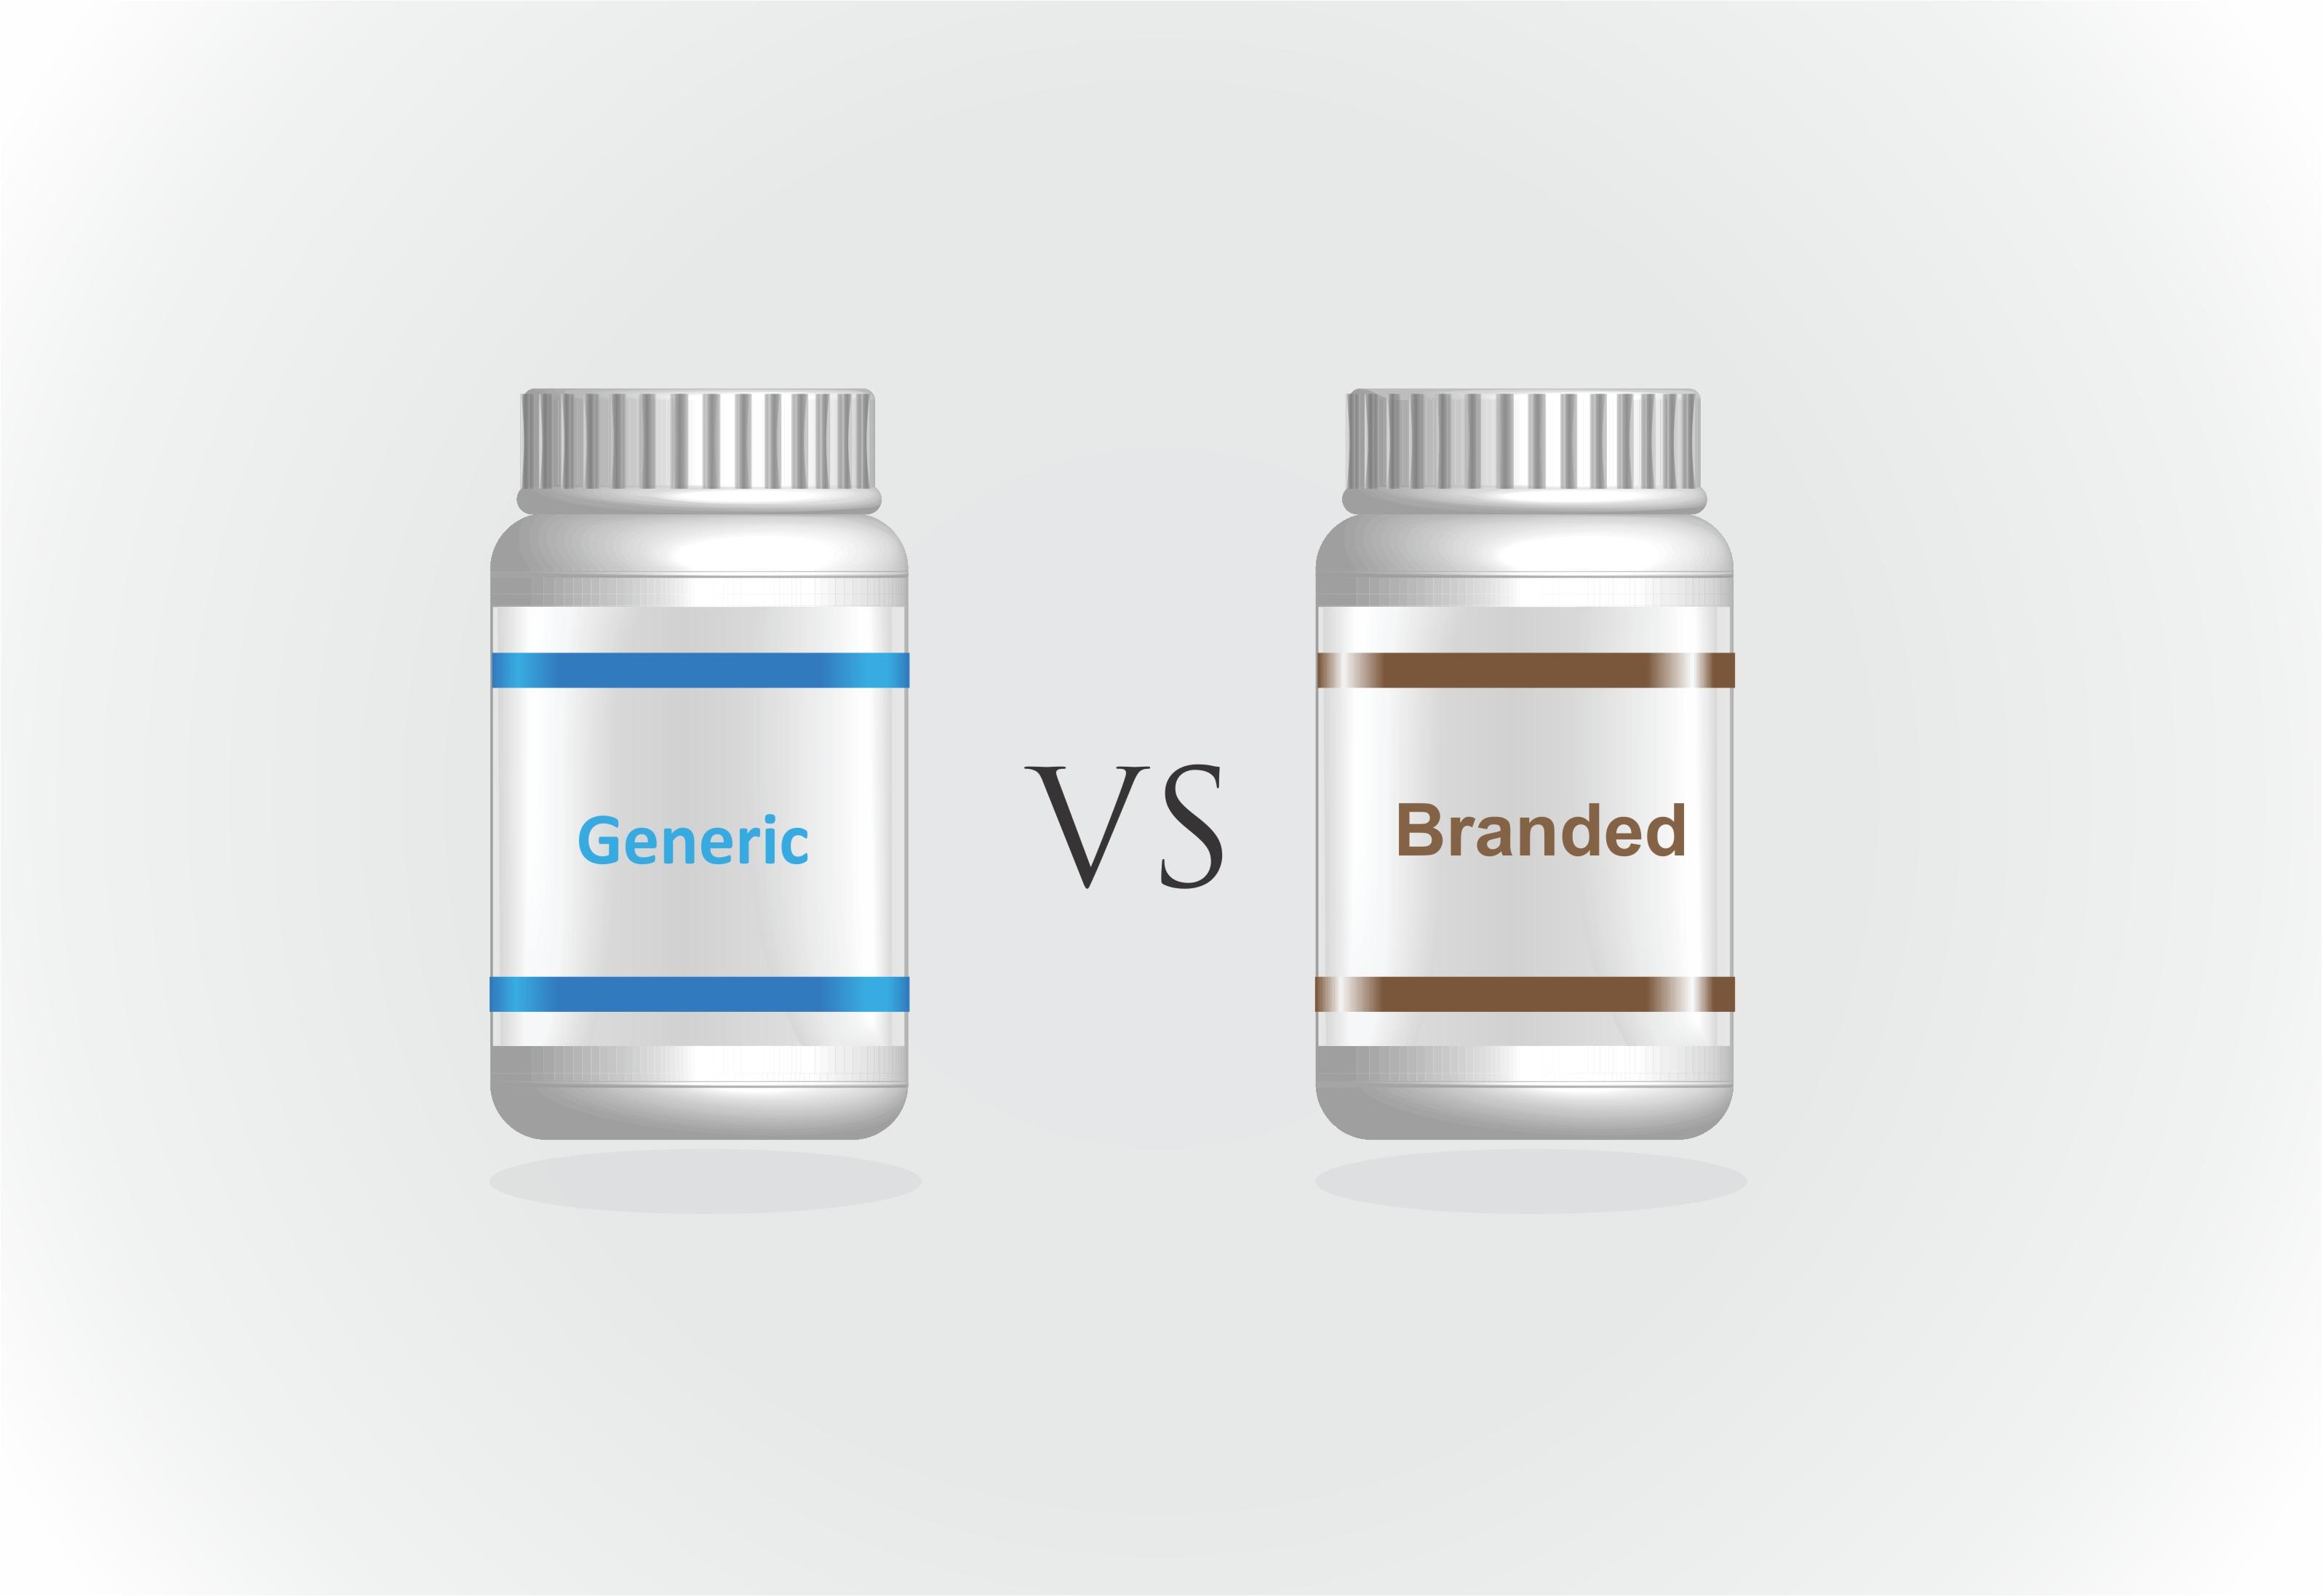 Branded vs Generic